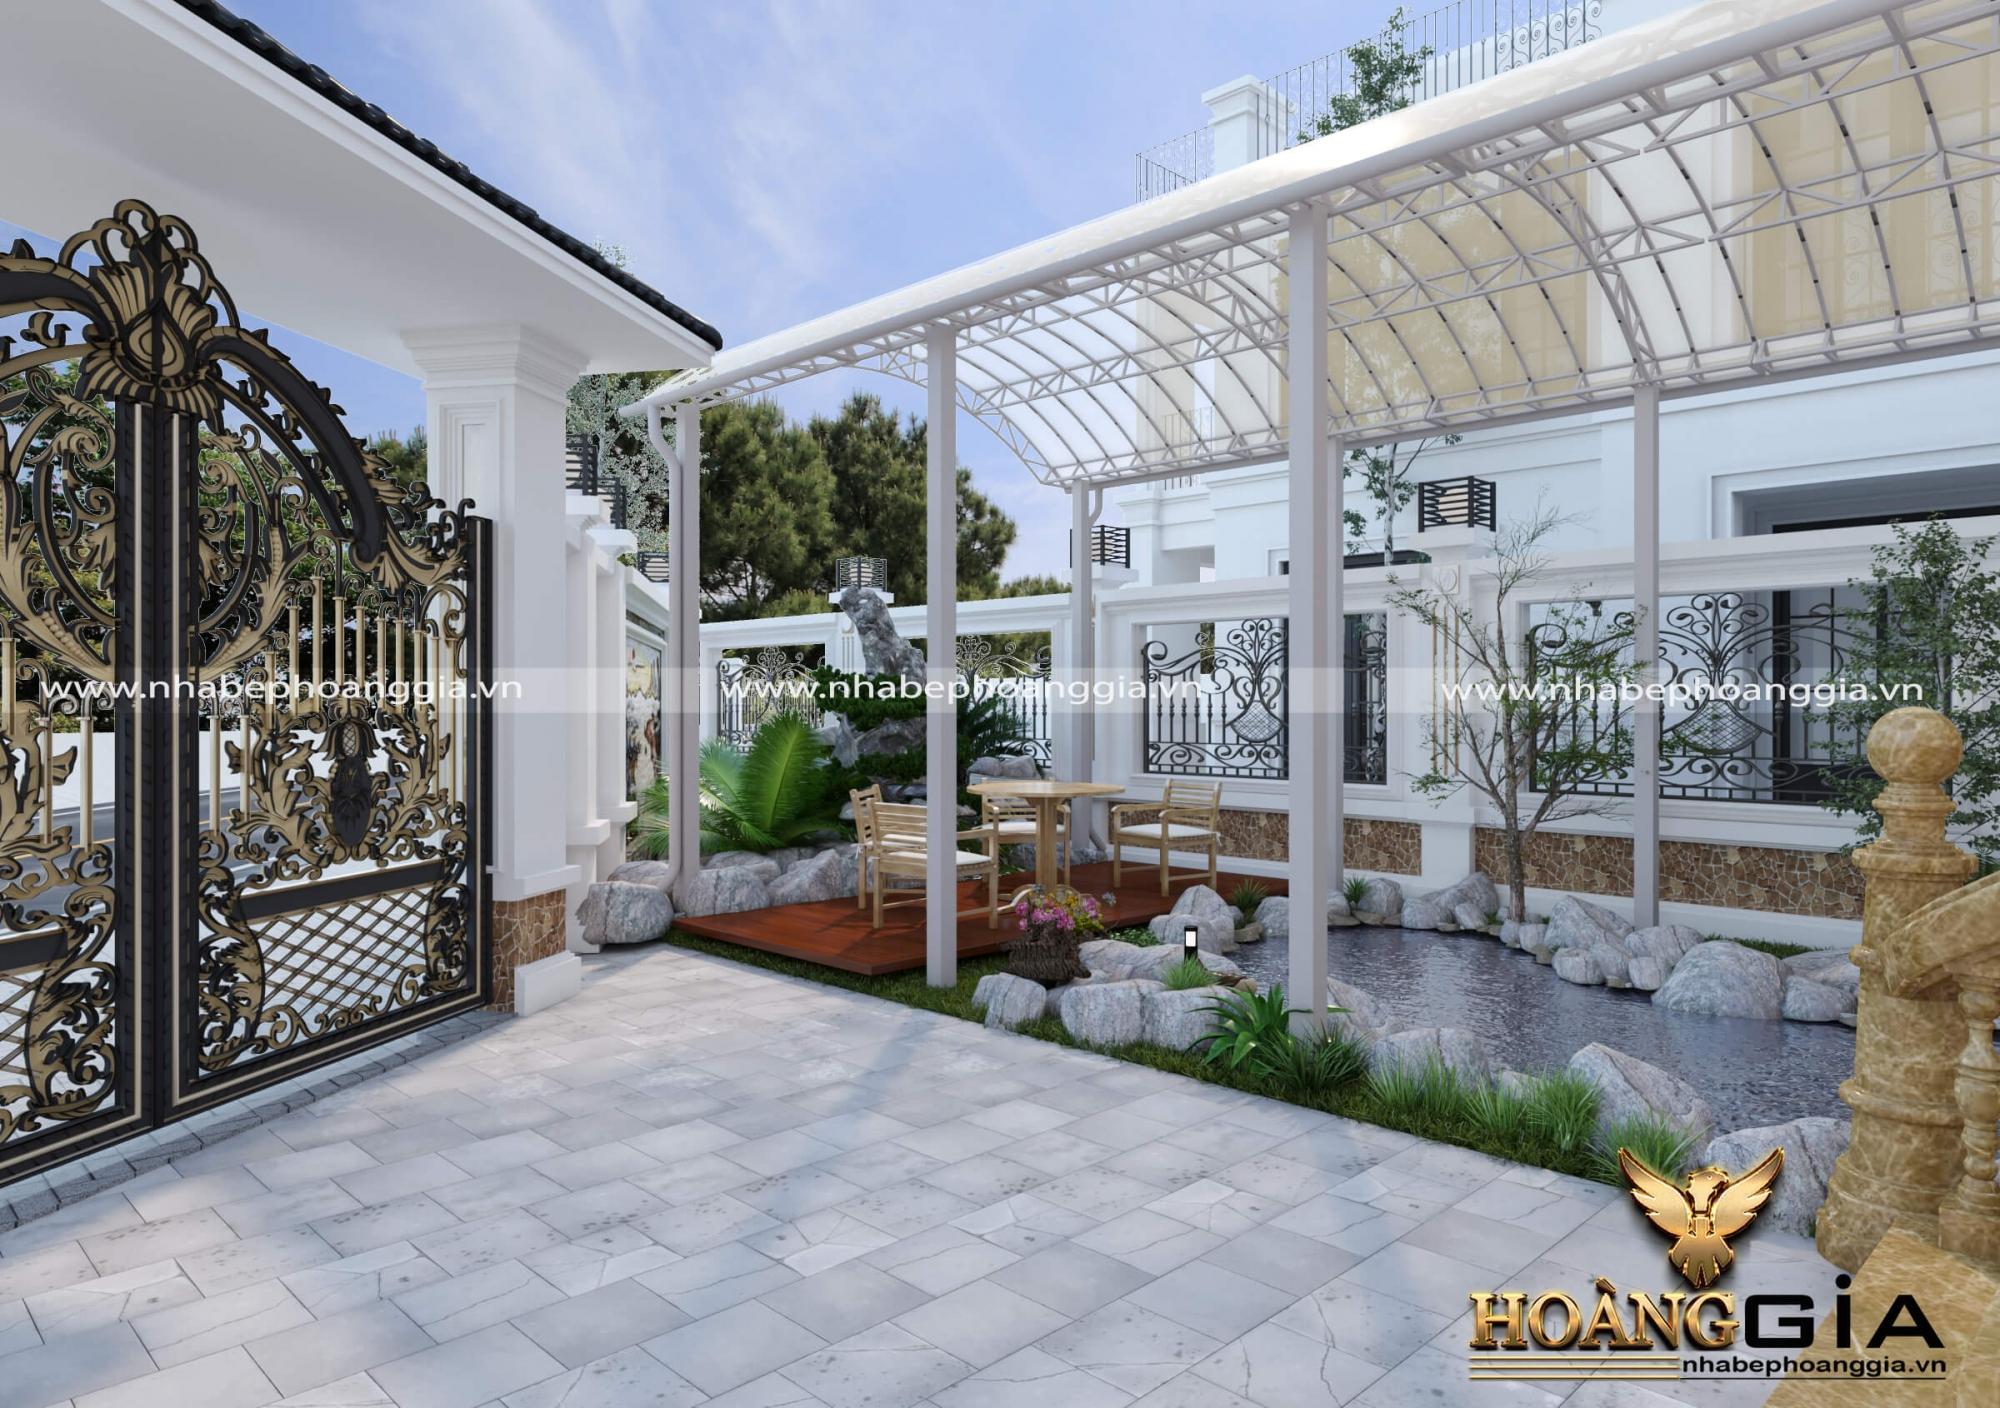 biệt thự nhà vườn đẹp